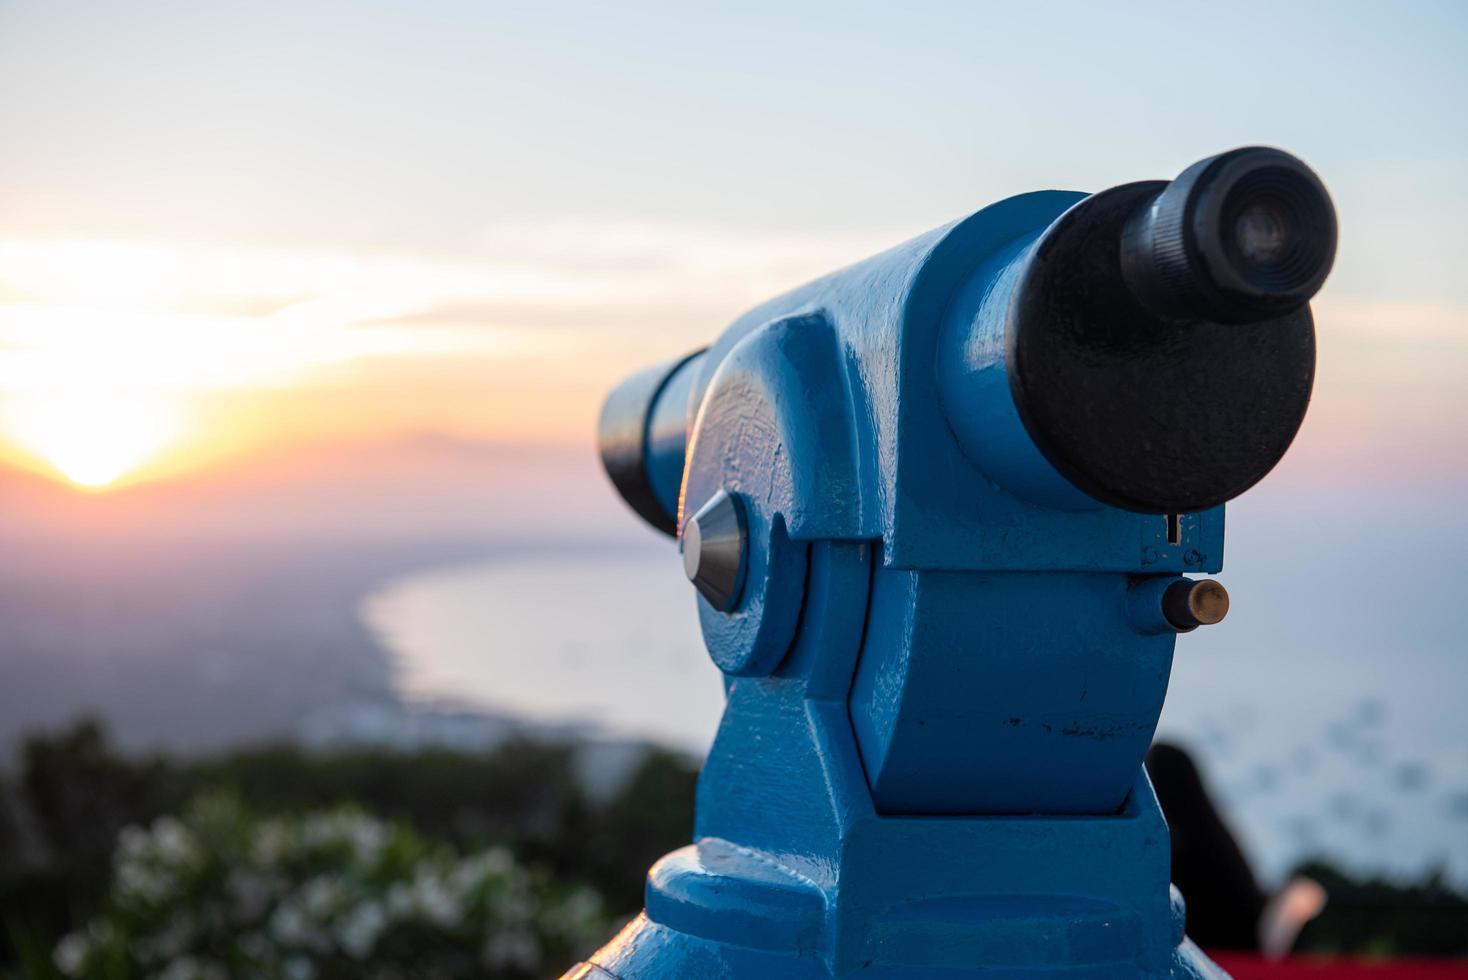 télescope en direction du paysage de formentera photo